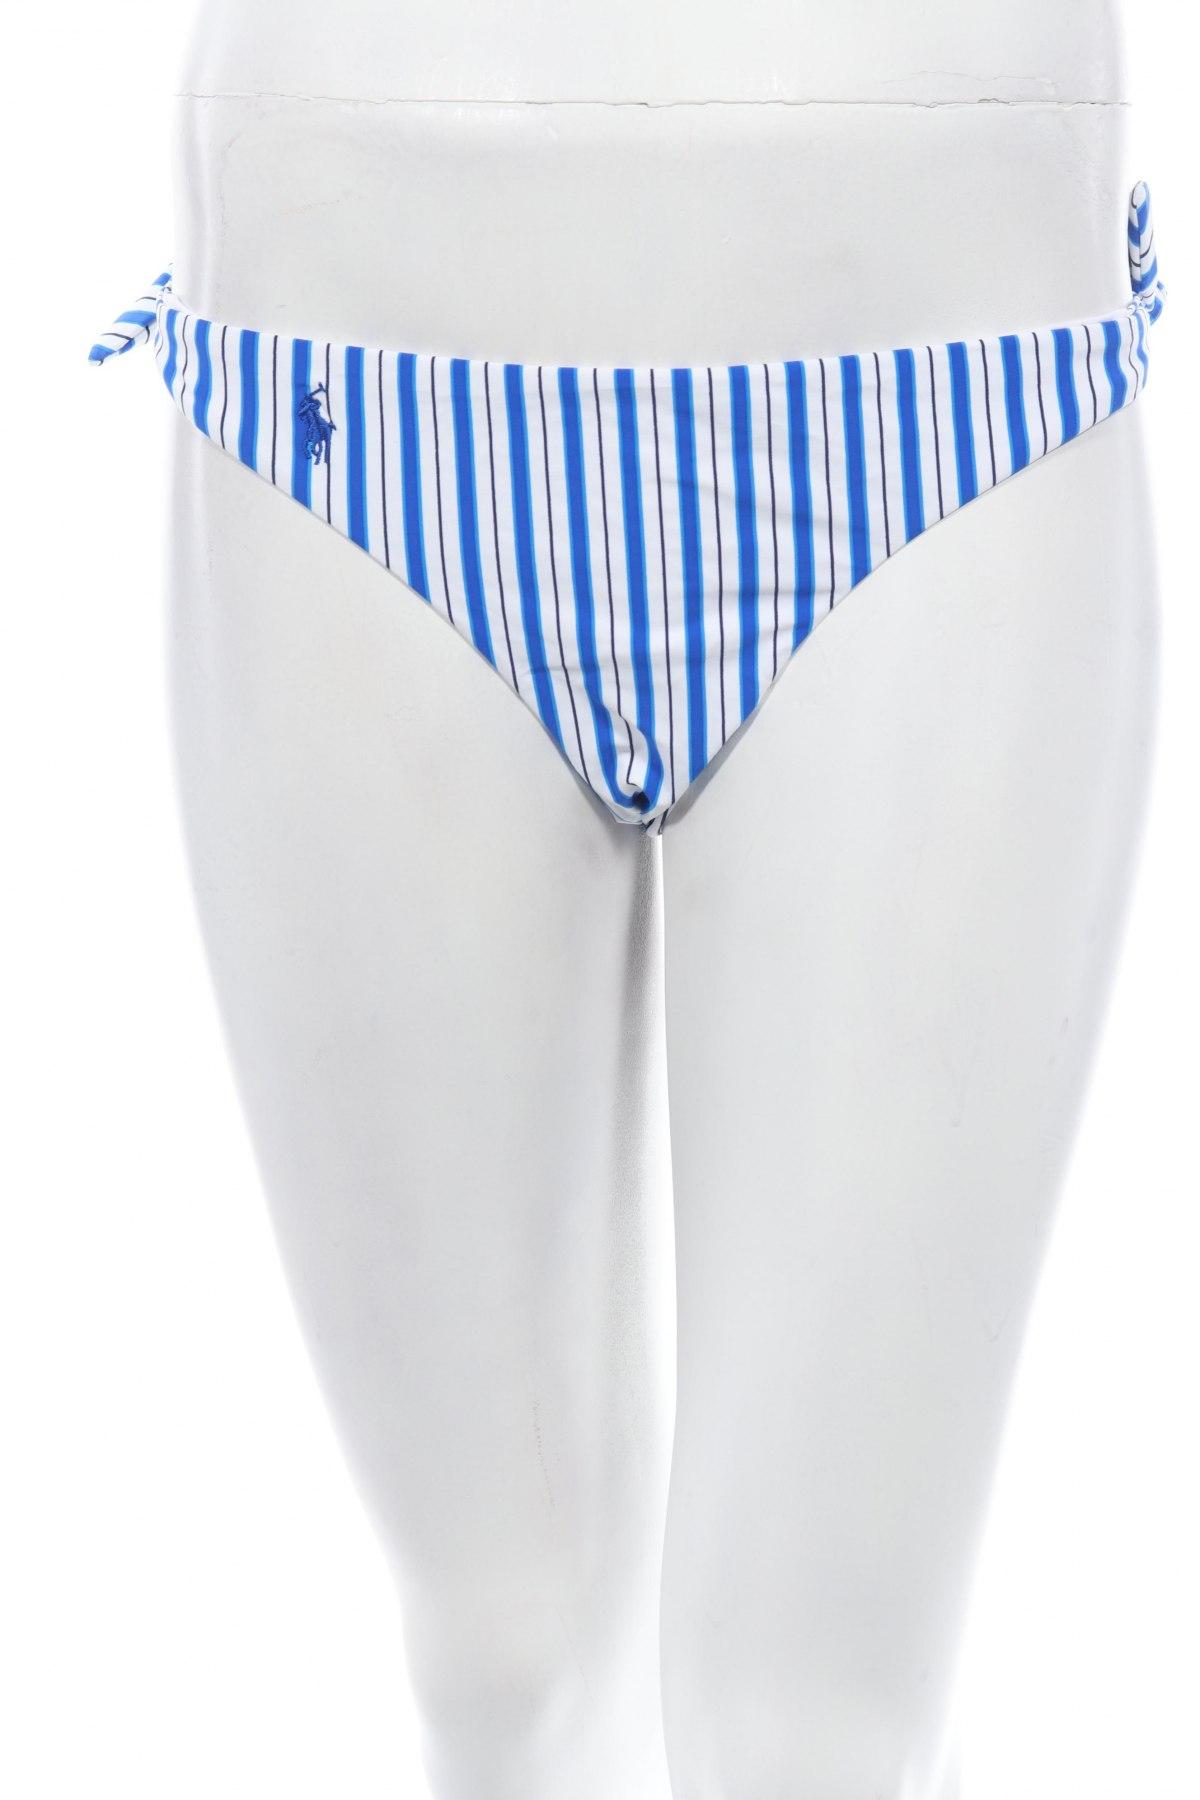 Дамски бански Polo By Ralph Lauren, Размер S, Цвят Син, 83% полиамид, 17% еластан, Цена 47,17лв.